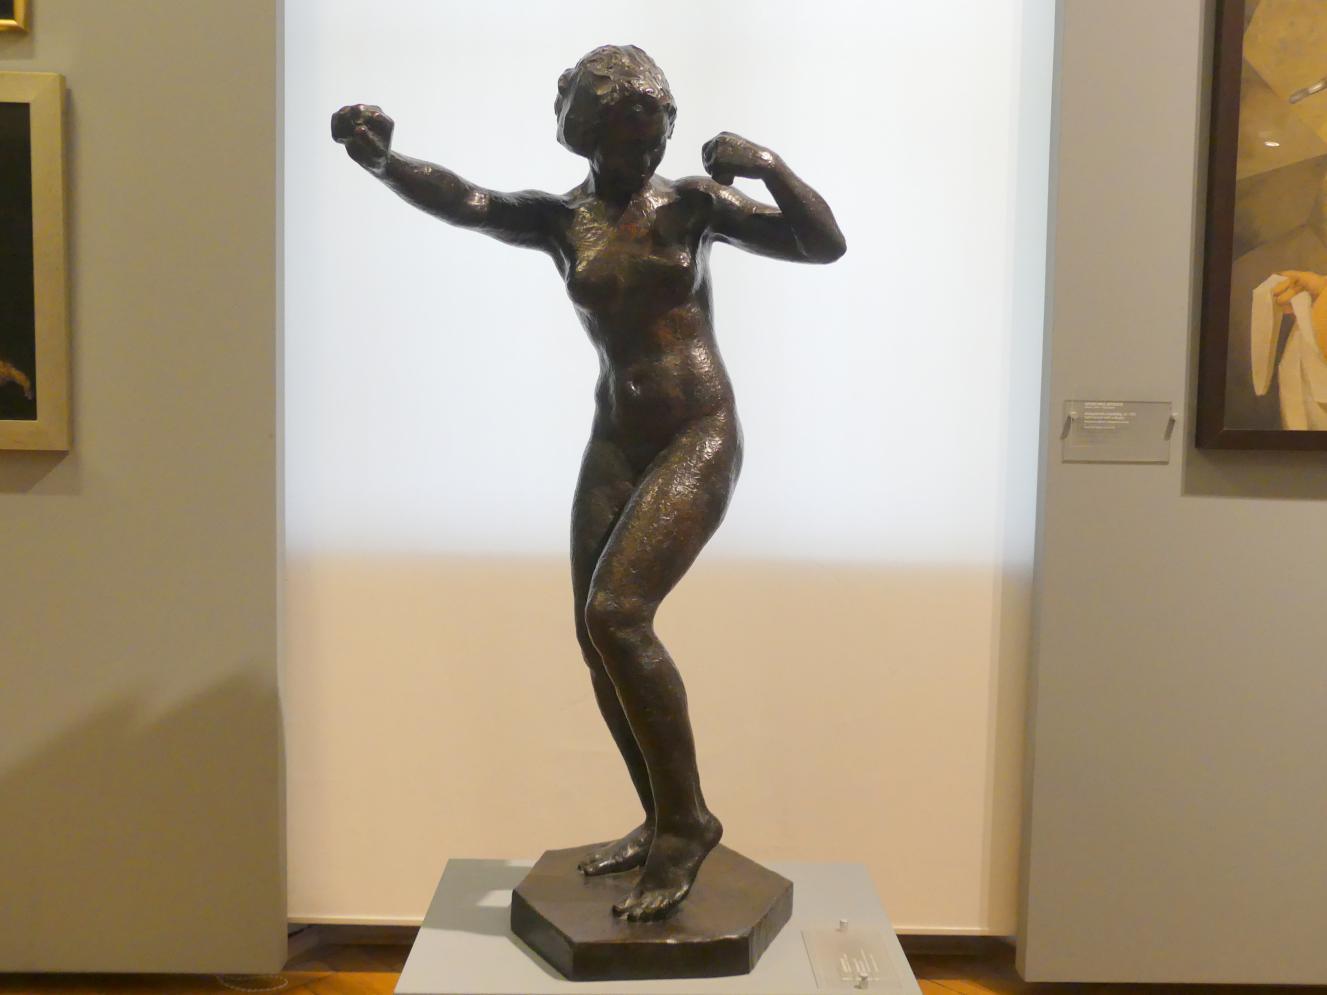 Georg Kolbe: Tanzendes Mädchen, 1911